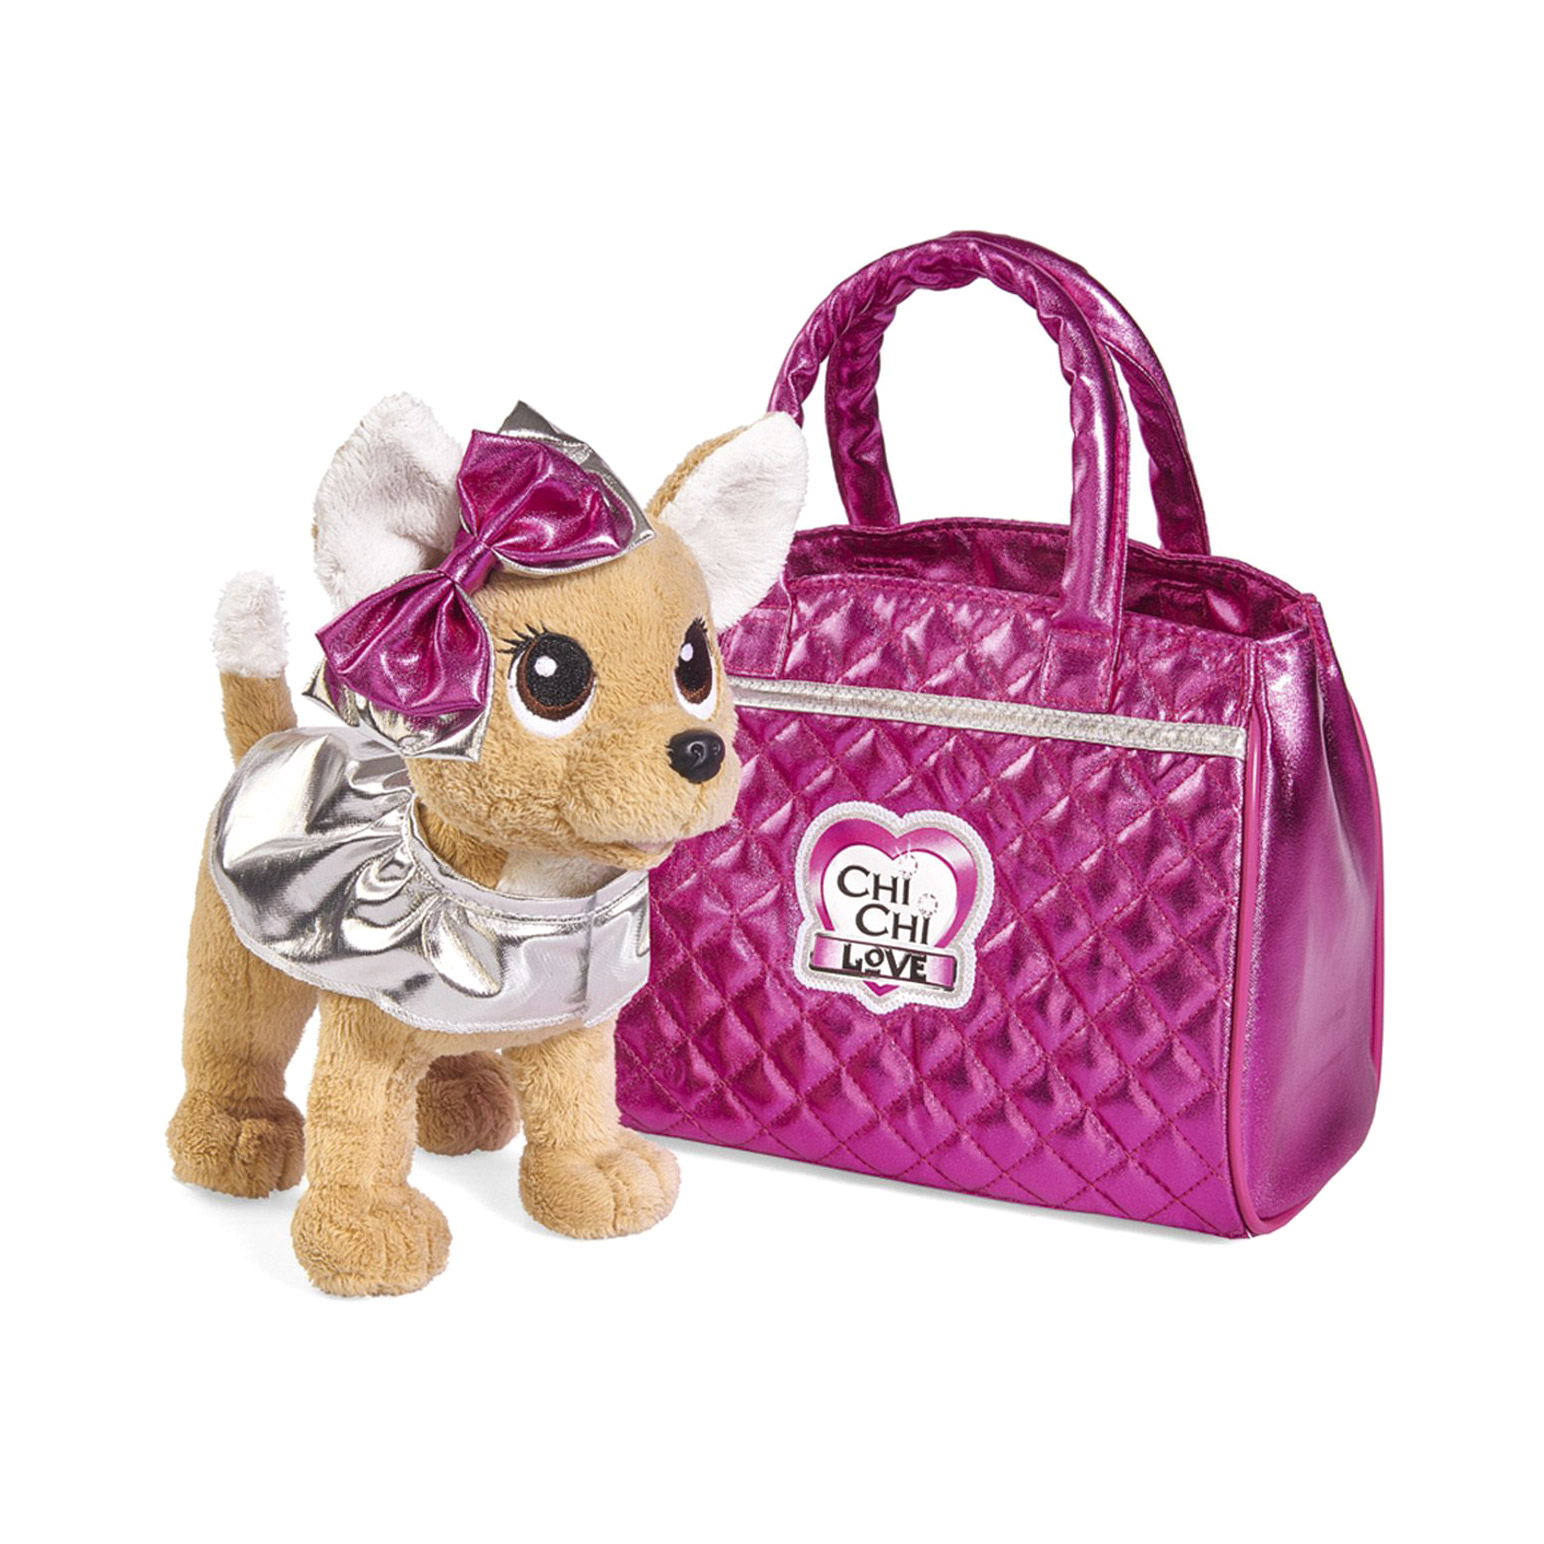 Фото - Игрушка мягкая Chi Chi Love Собачка Гламур с розовой сумочкой и бантом 20 см игровой набор chi chi love simba коллекционная собачка чи чи 5893111chi